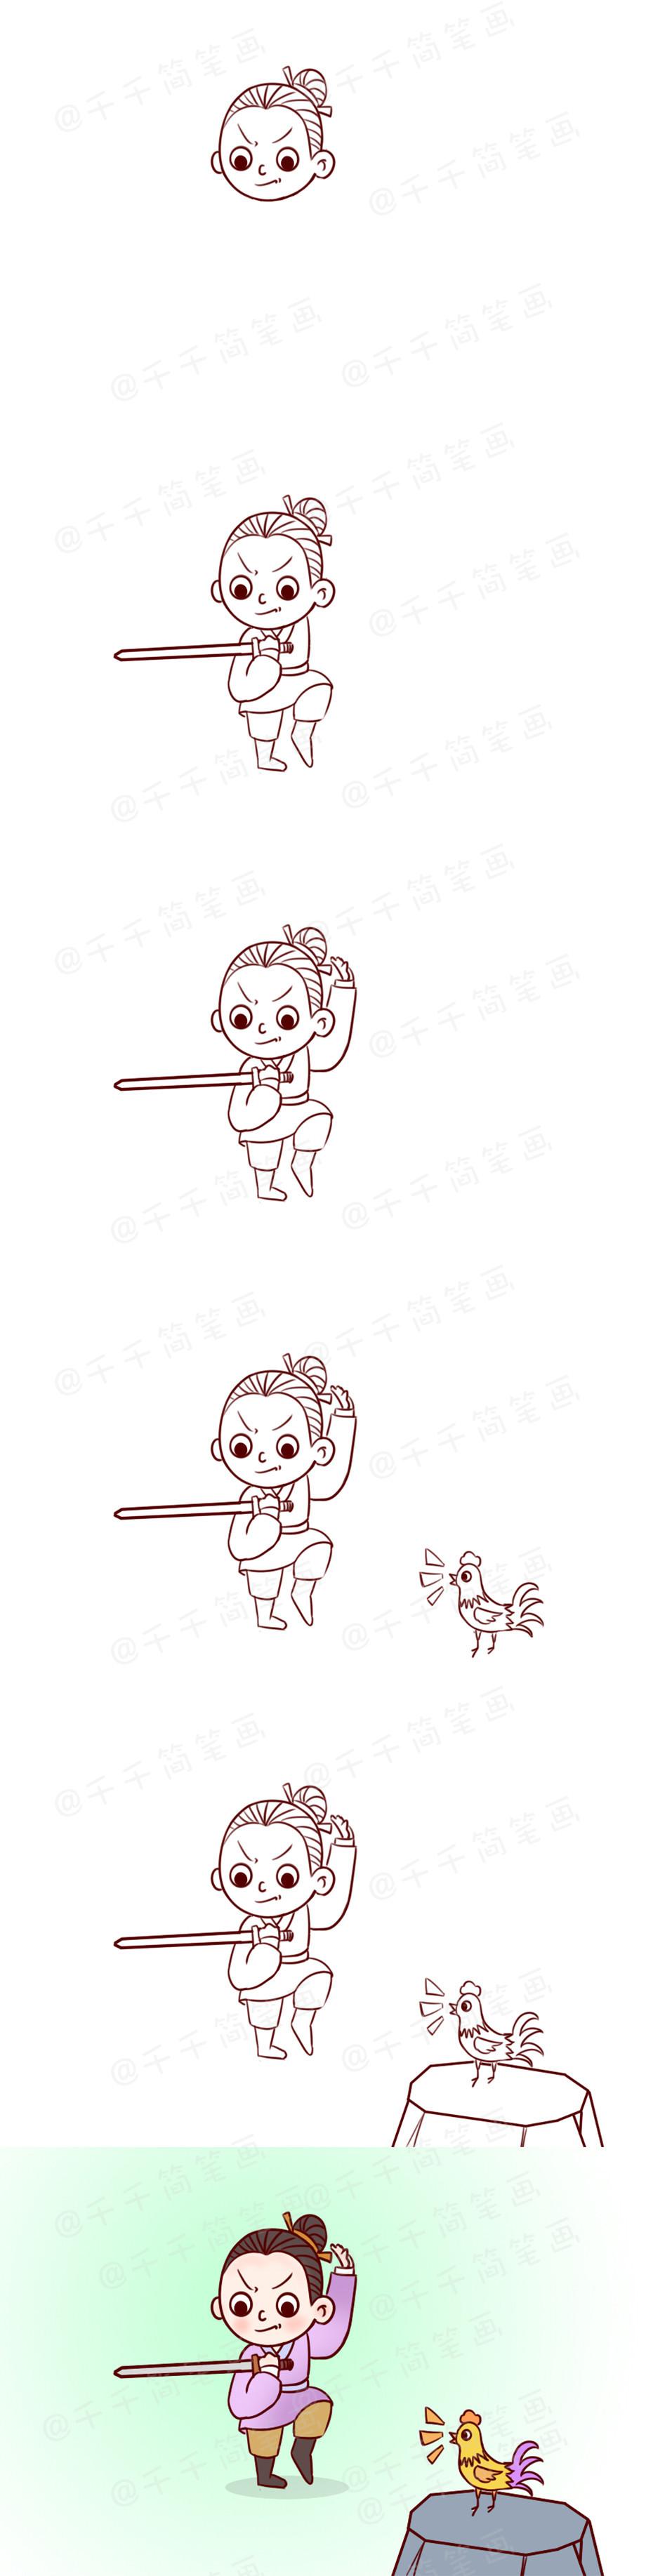 【5岁 成语故事】闻鸡起舞【千千简笔画国学 】